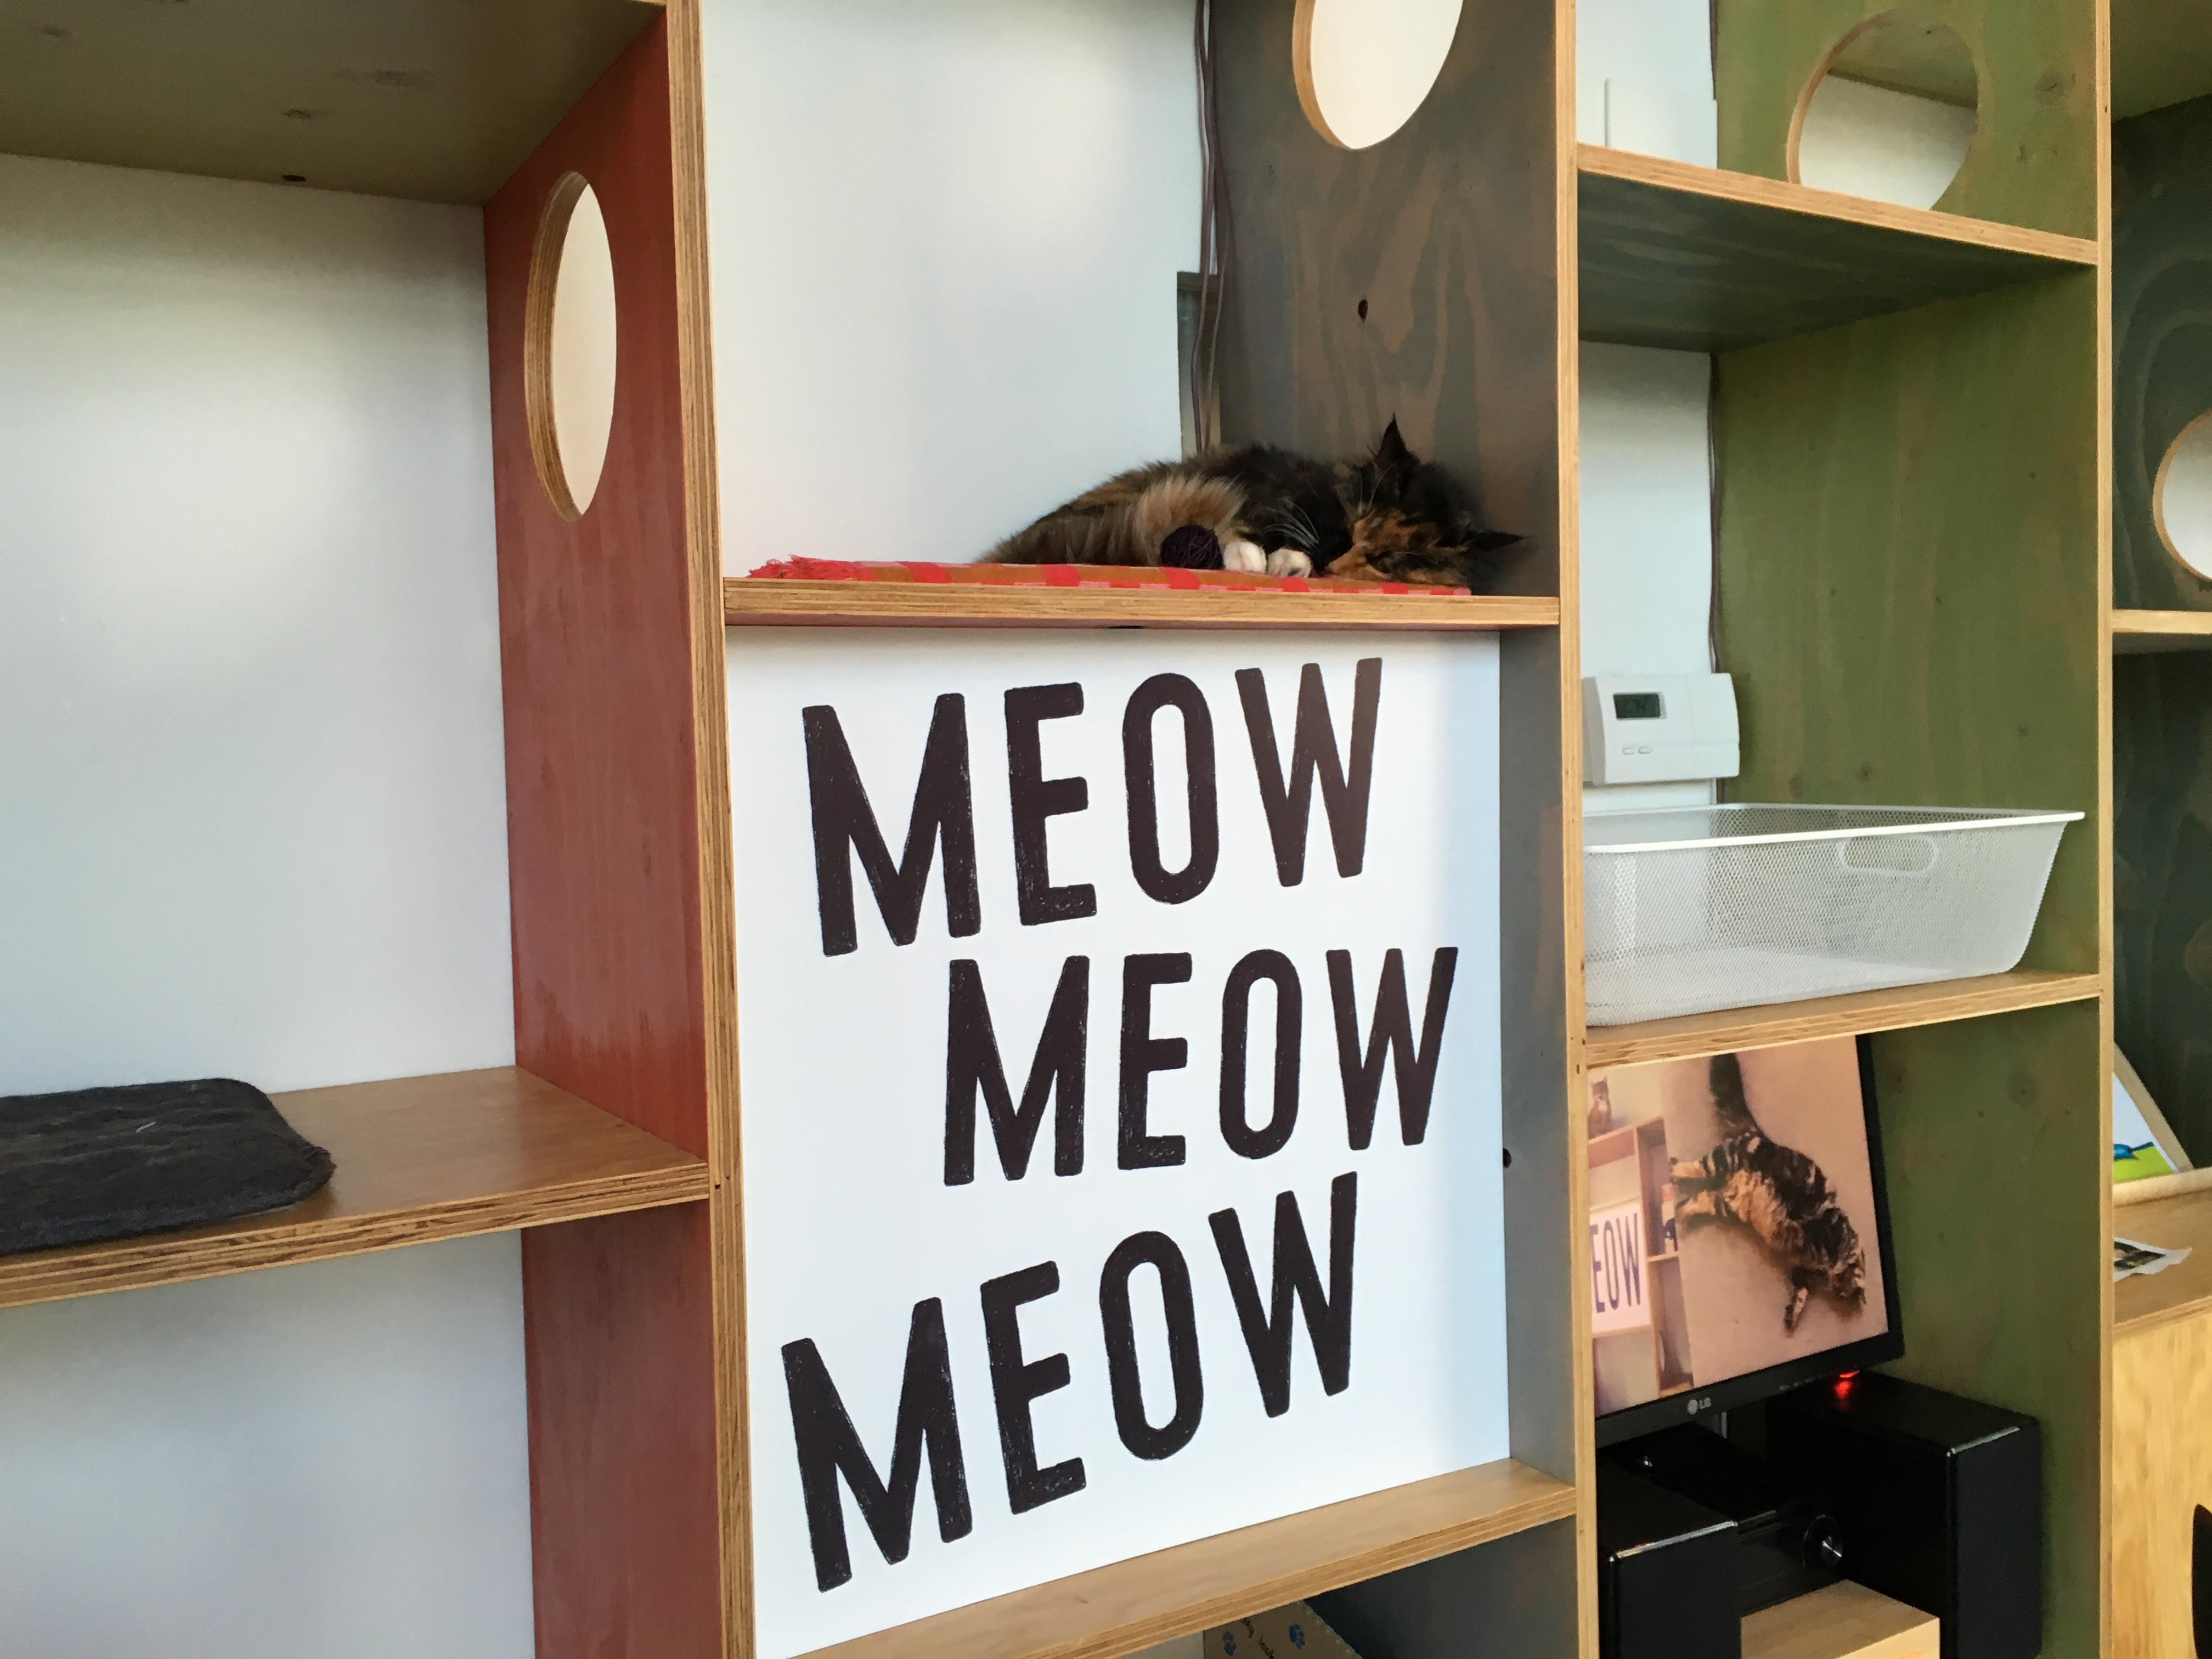 MeowMeowMeow